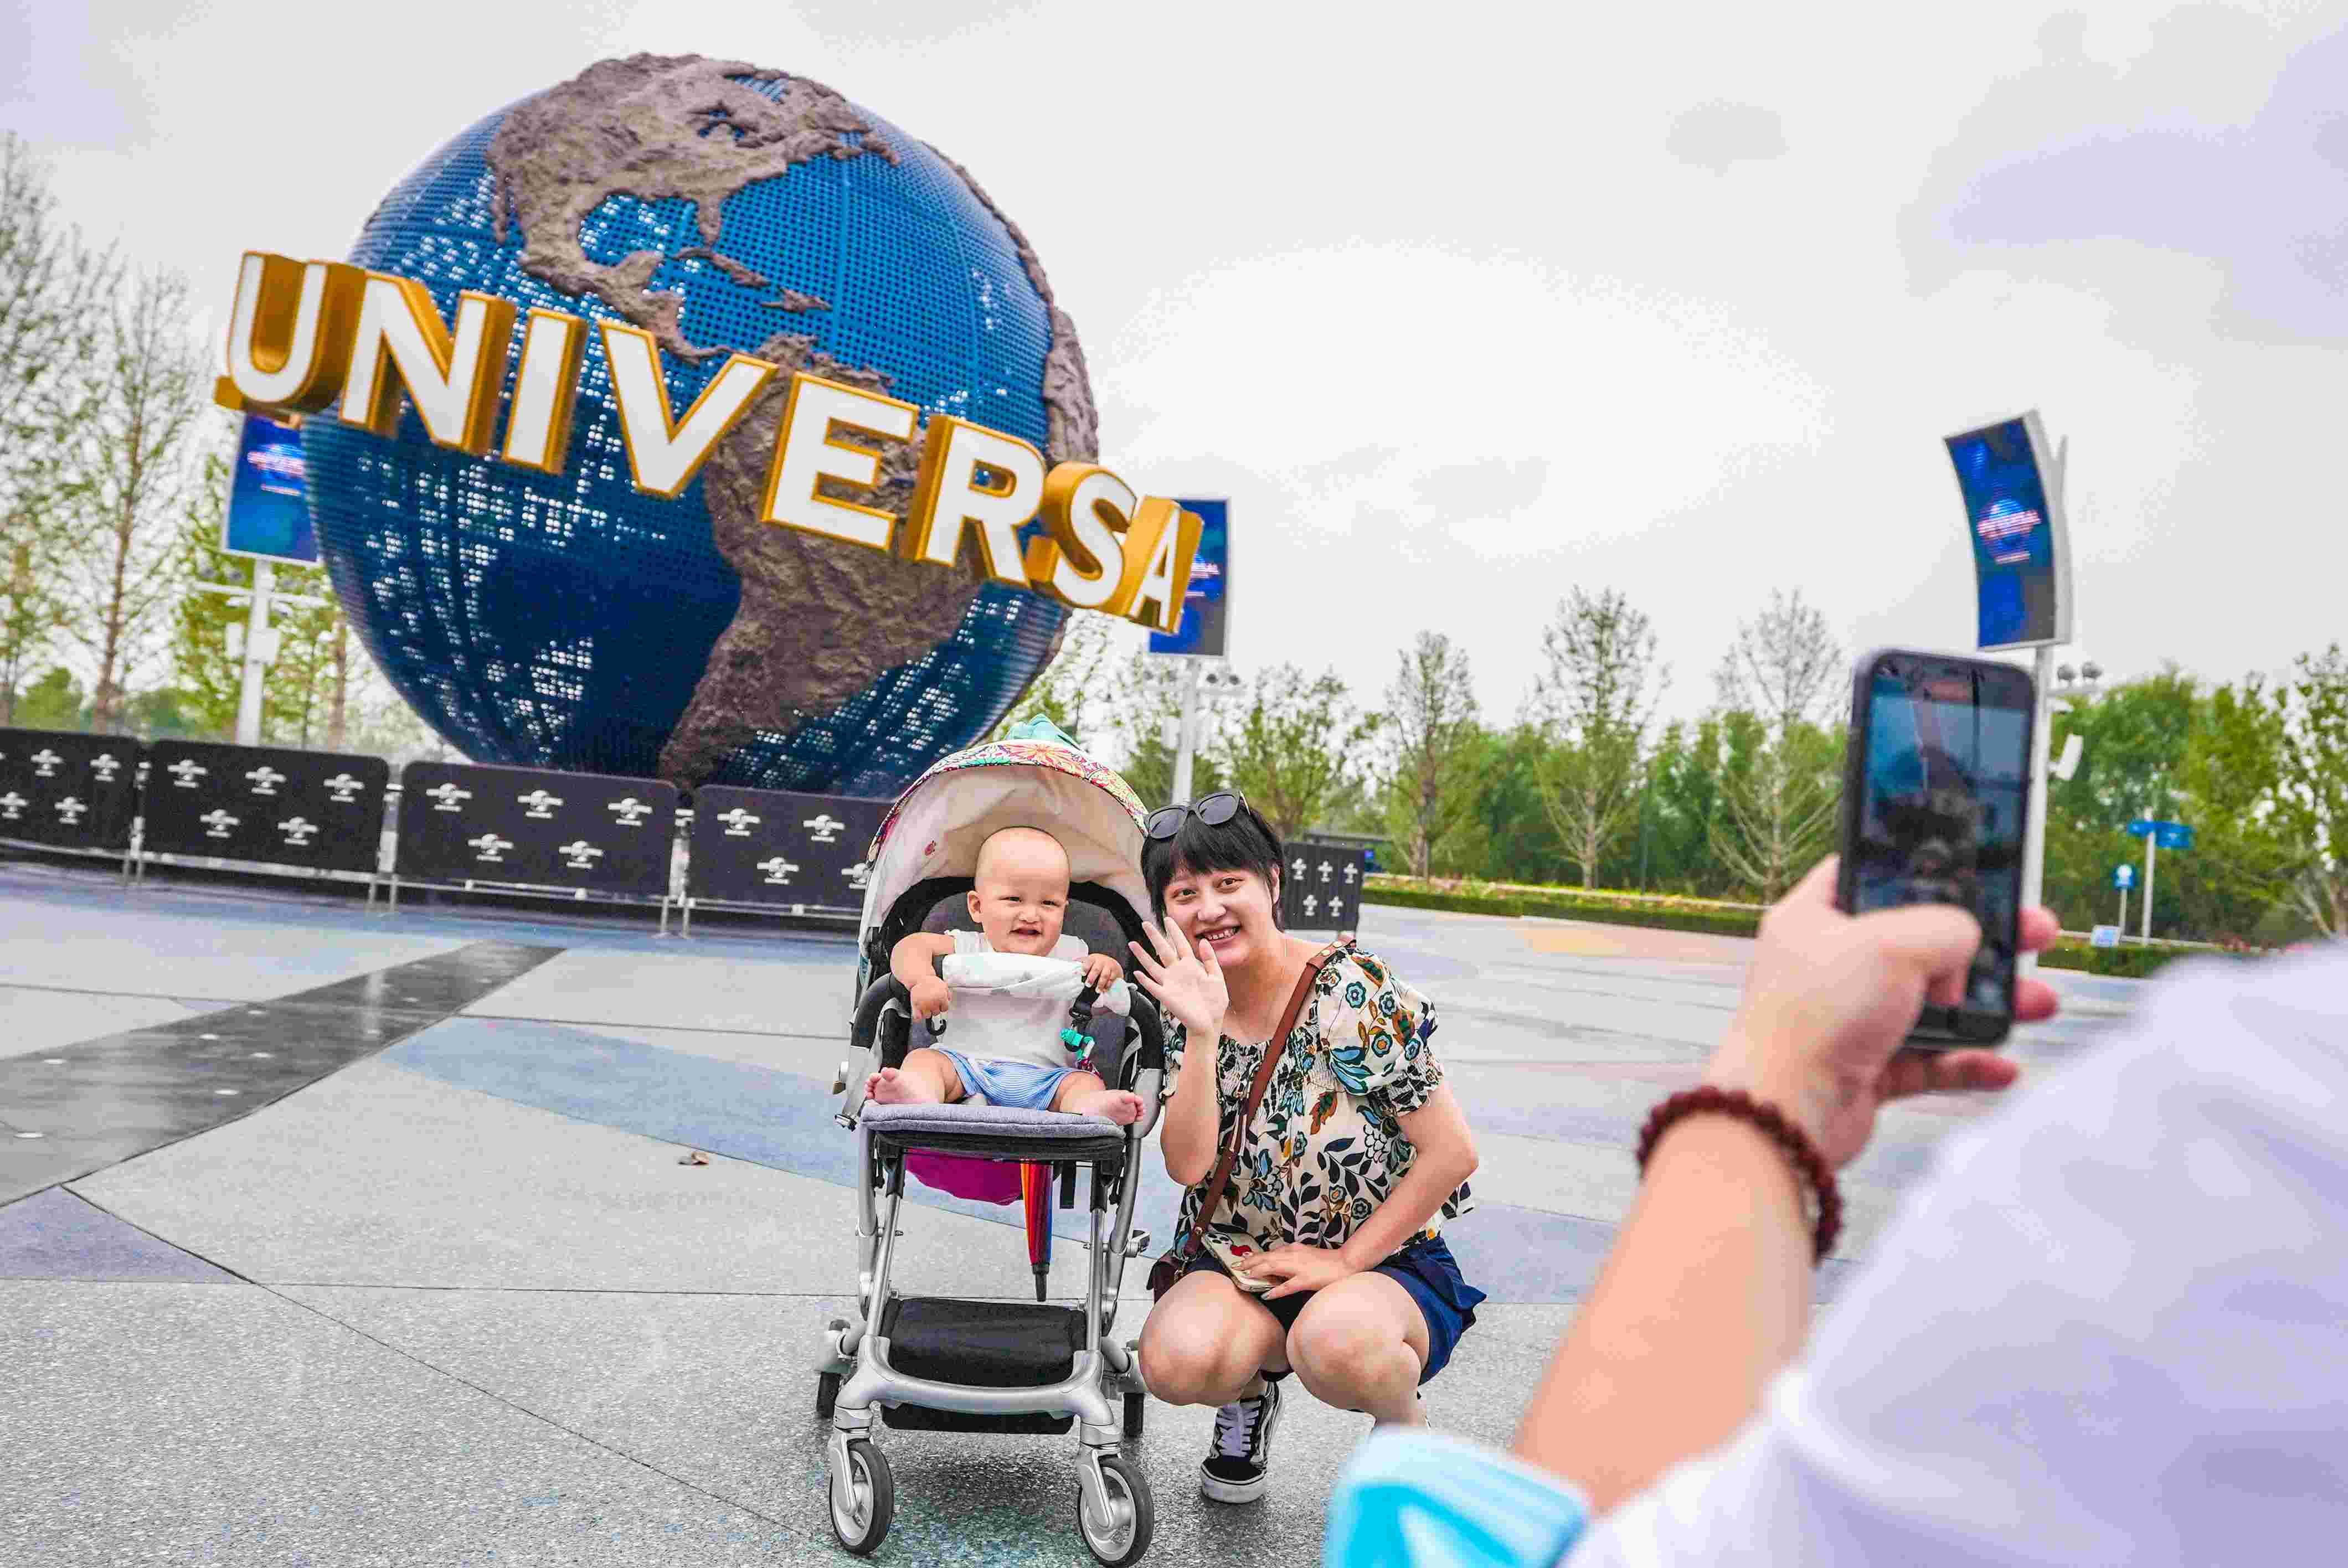 从筹备到开园历时20年!揭秘北京环球度假区幕后故事